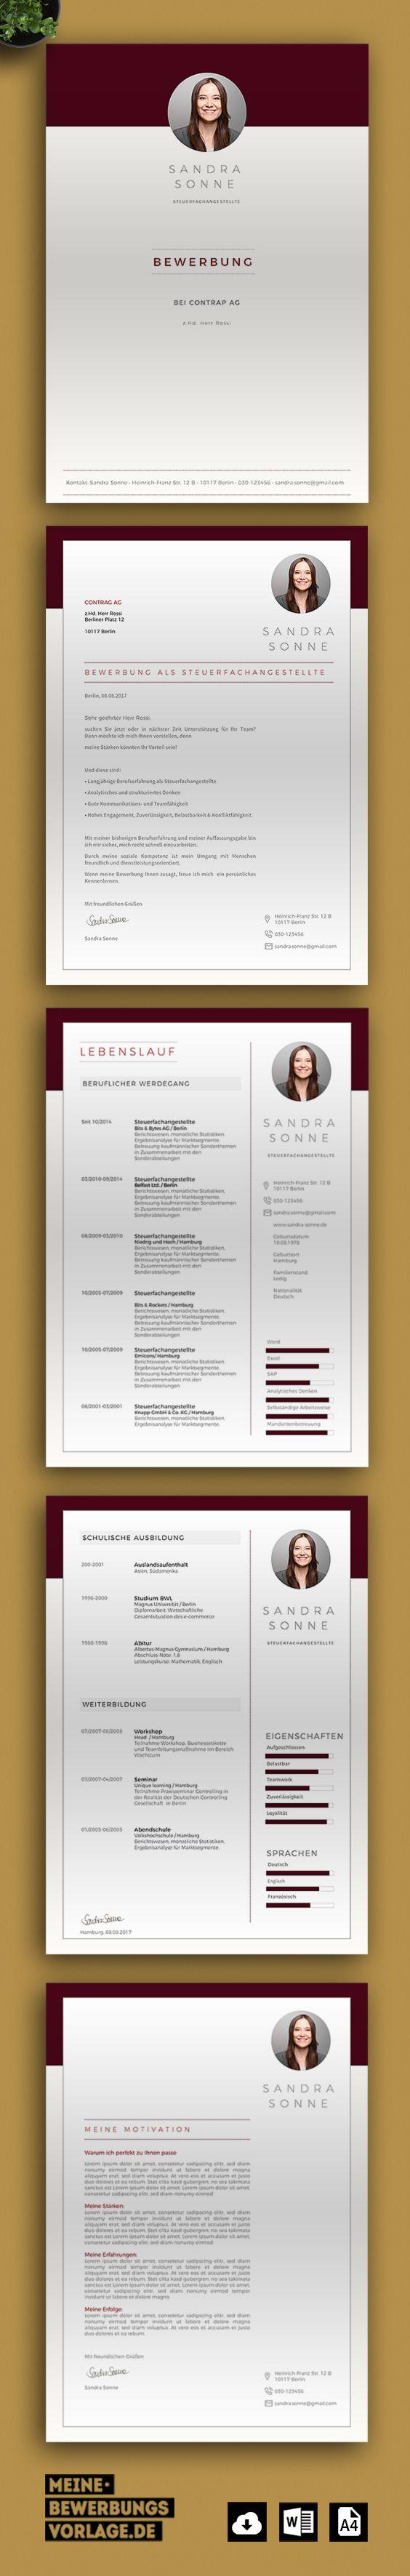 Hier finden Sie kreativ gestaltete Bewerbungsvorlagen mit Anschreiben,  Lebenslauf, Motivationsschreiben. Einfach zu editieren